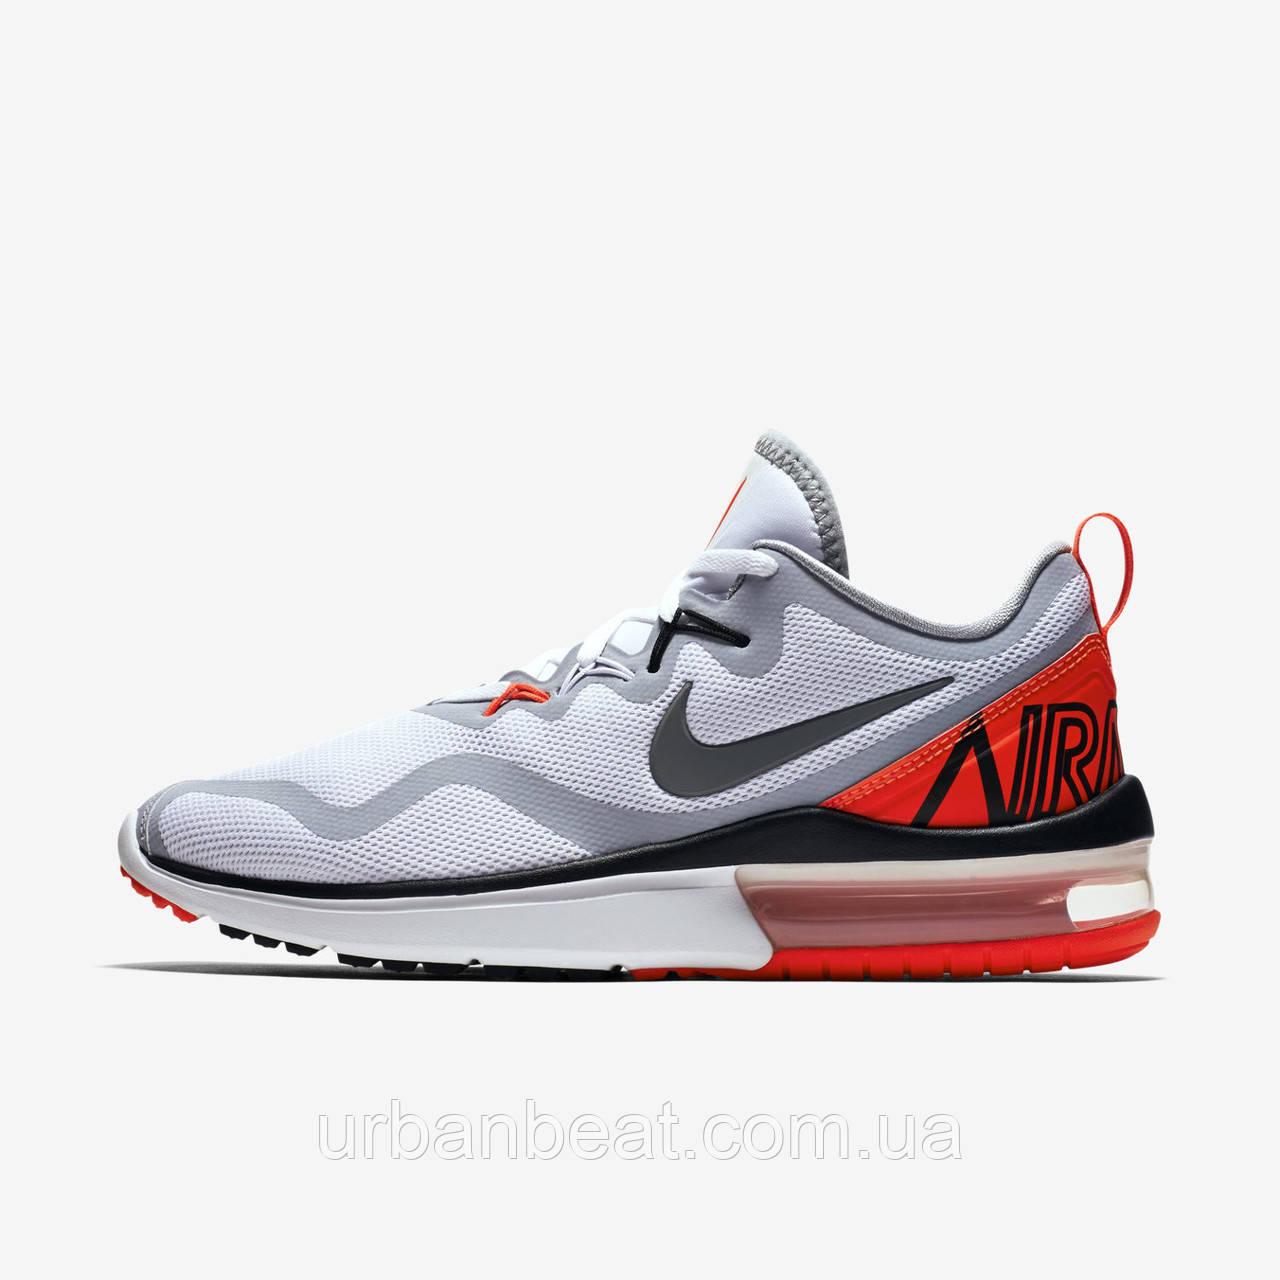 711f3e86 Мужские кроссовки Nike Air Max Fury РЕПЛИКА: продажа, цена в ...